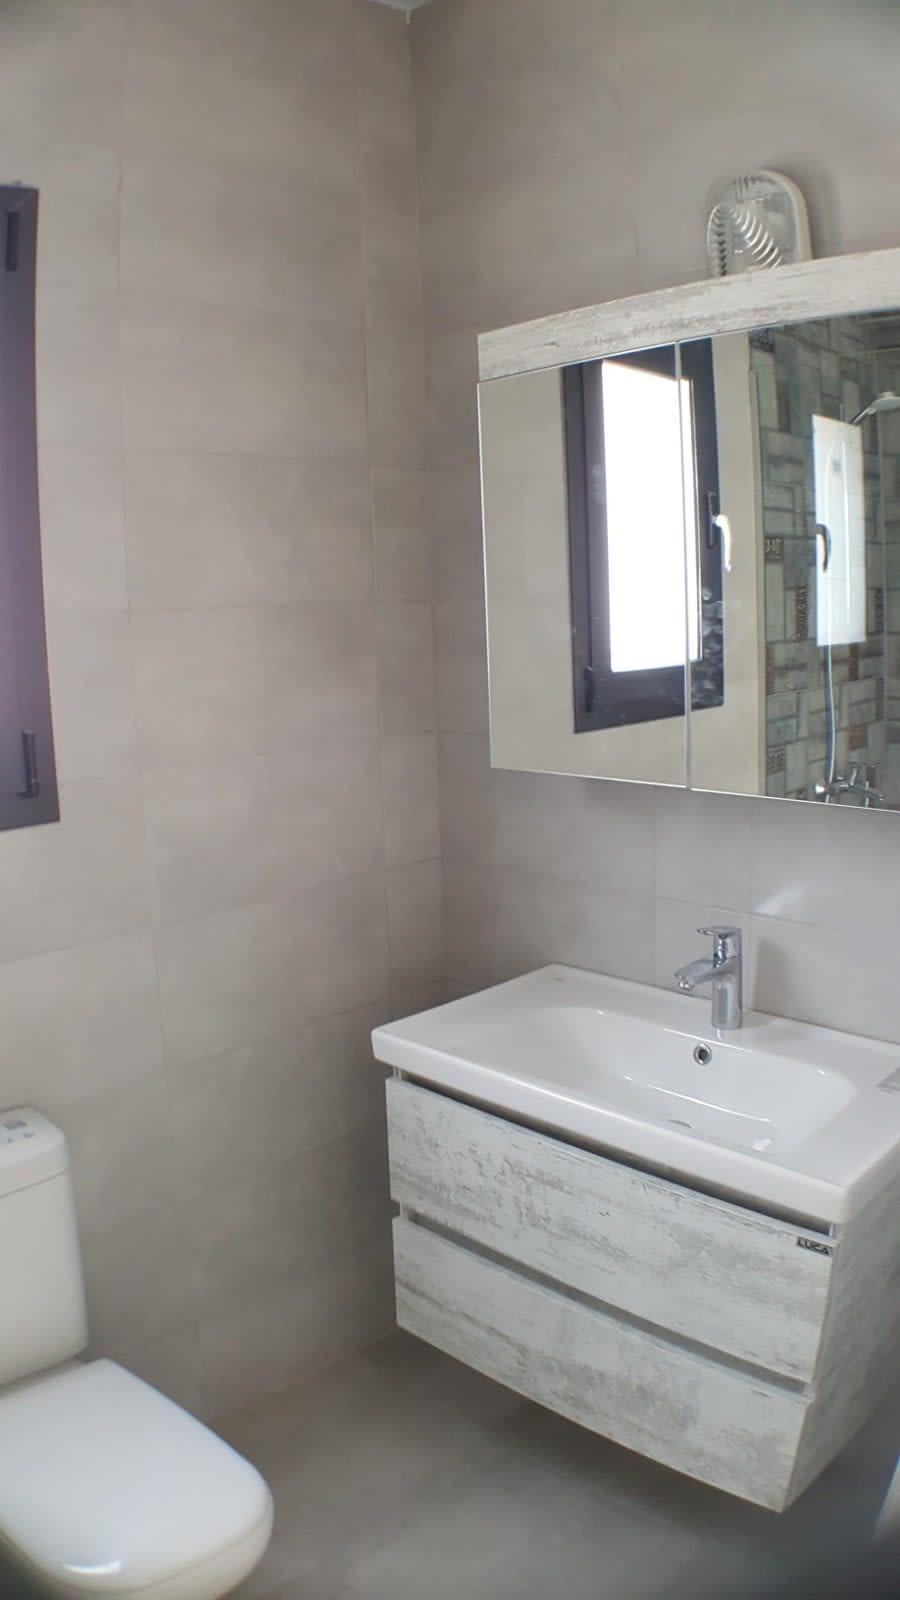 Yenikent'te 4 Yatak Odalı Satılık Havuzlu ve Türk Malı Villa 5280